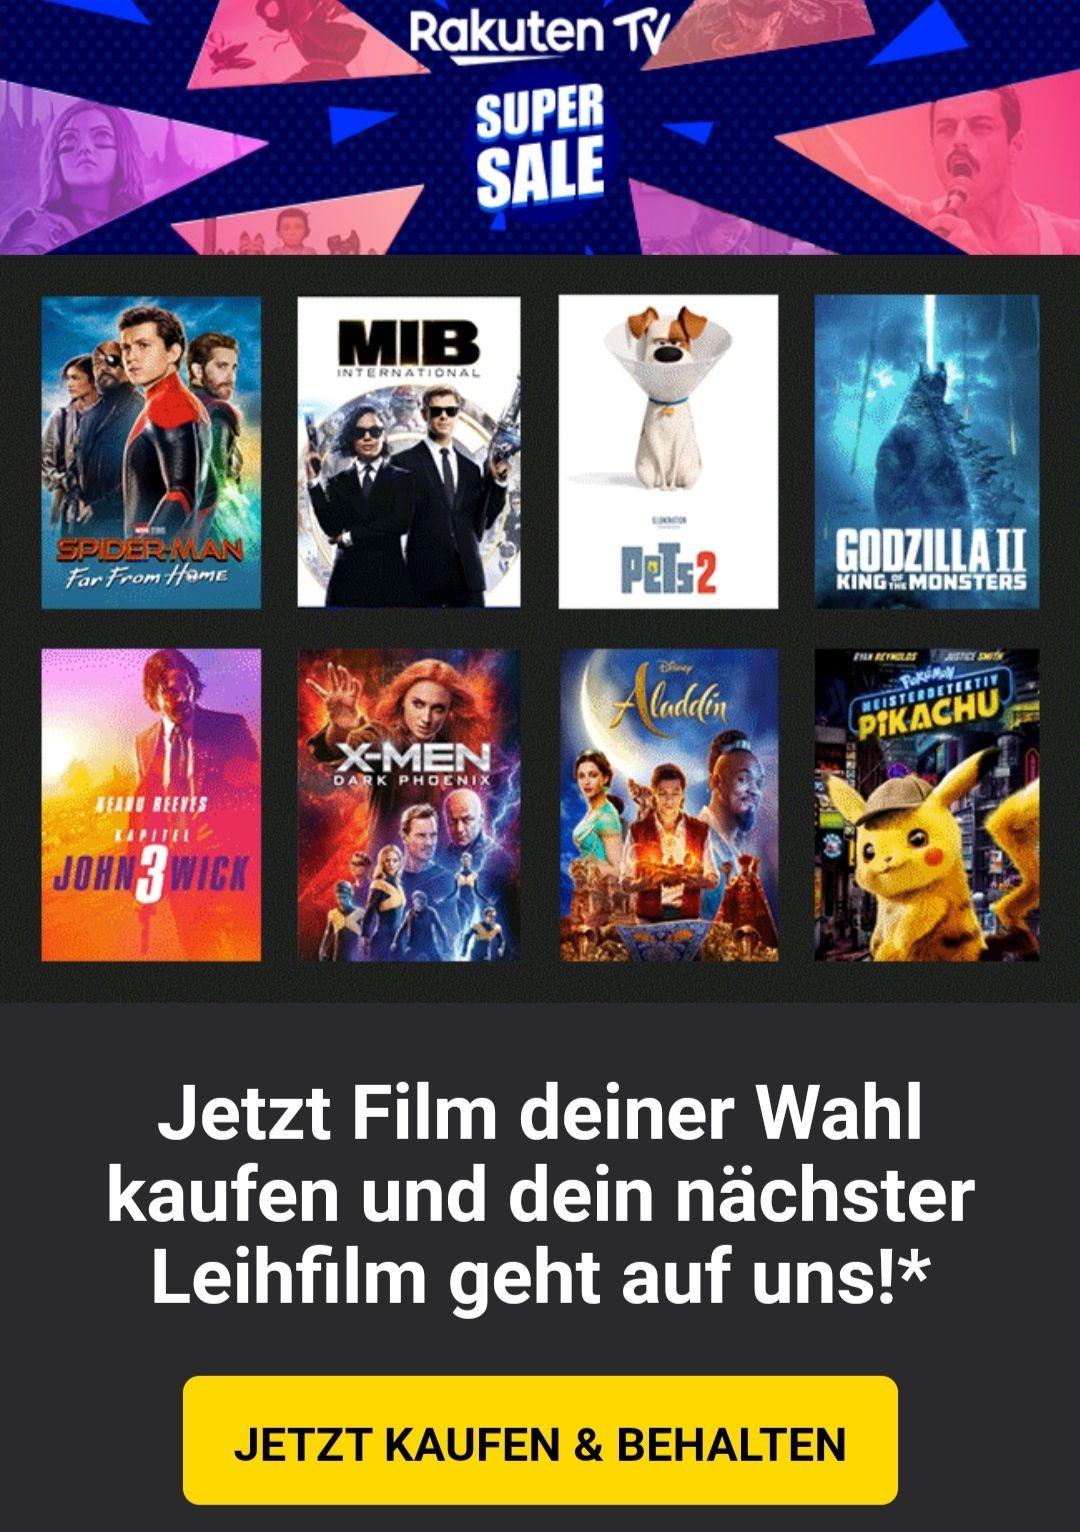 [Rakuten TV] SUPER SALE - 1x Film (aus 21 + x) kaufen (ab 5,99€) > 1x Leihfilm GRATIS (500 Rakuten Super Points)!